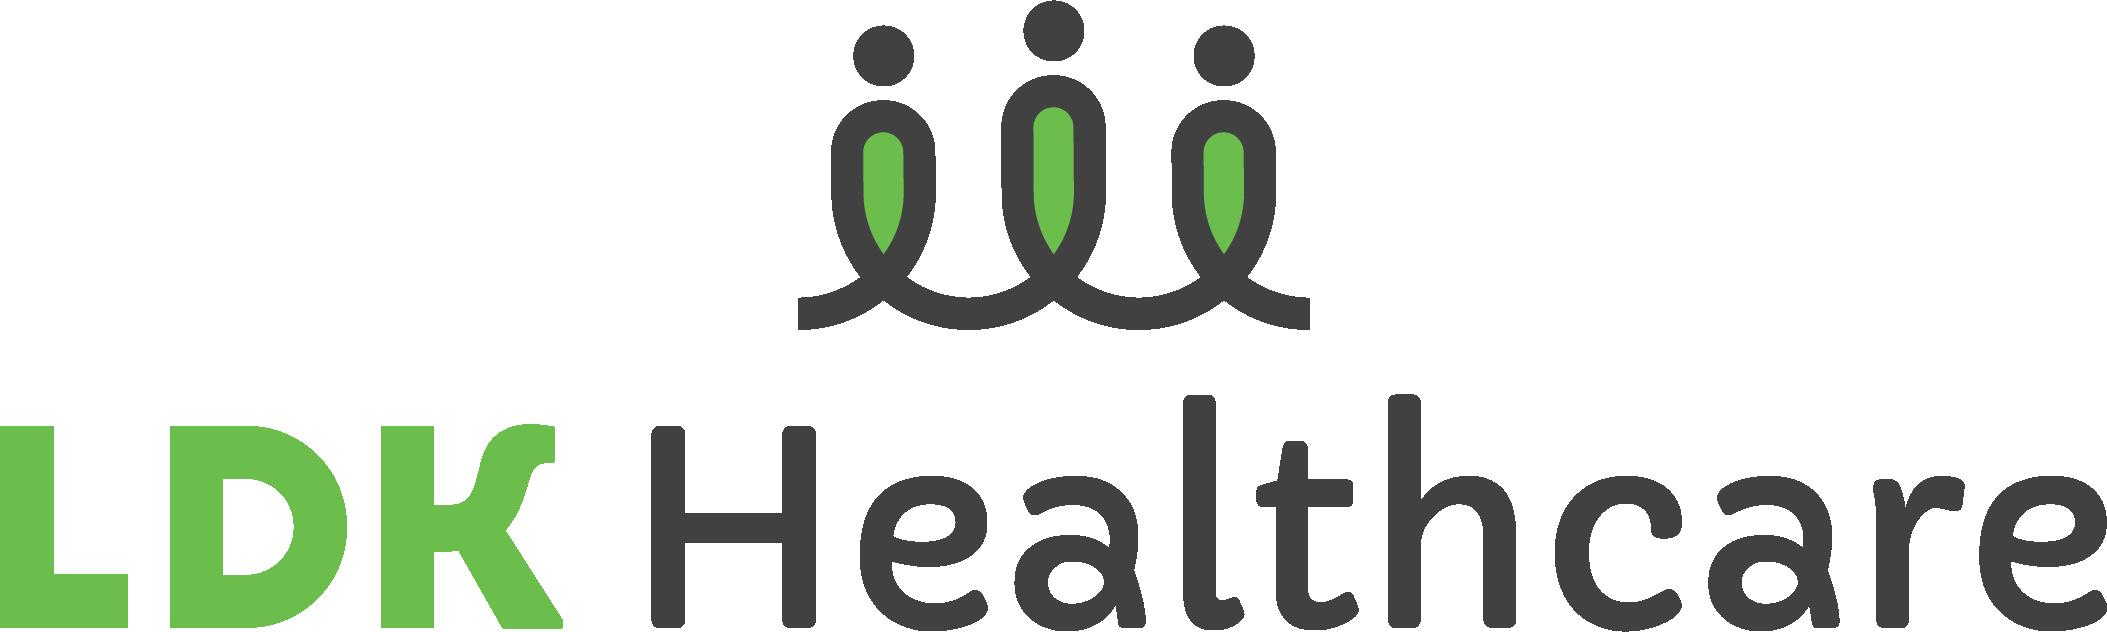 LDK Healthcare